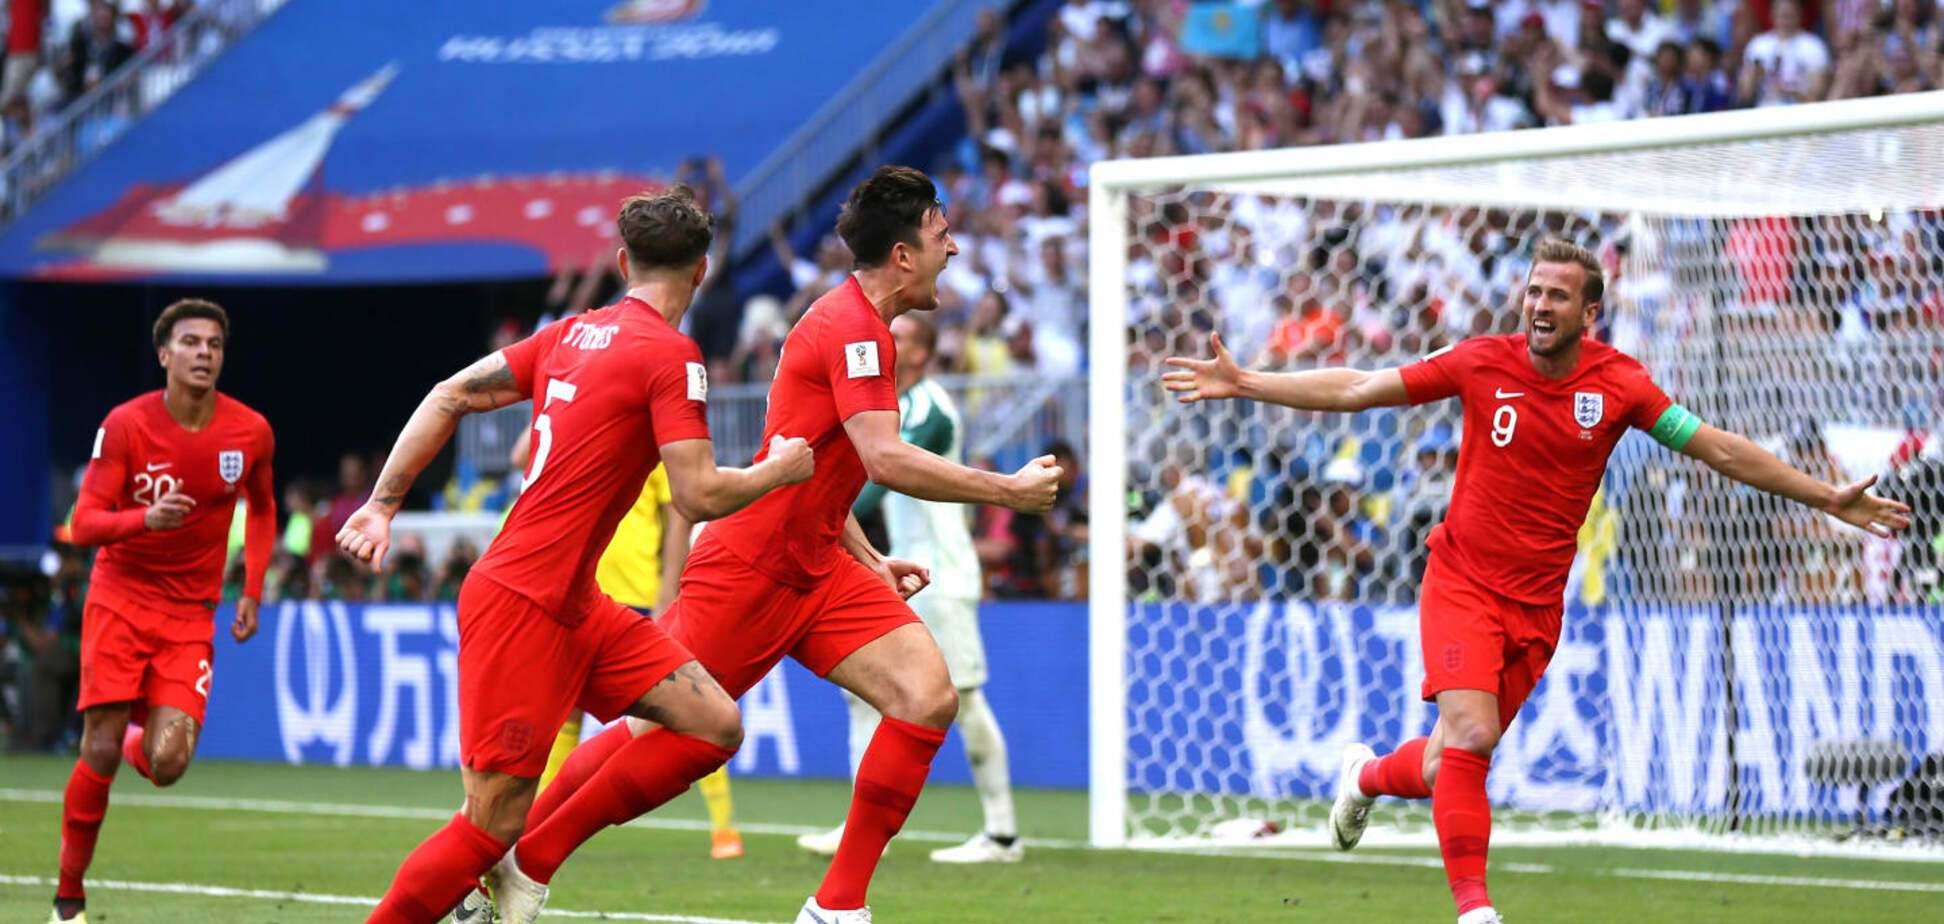 Два голи вистачило англійцям в матчі Швеція - Англія: онлайн-трансляція 1/4 фіналу ЧС-2018